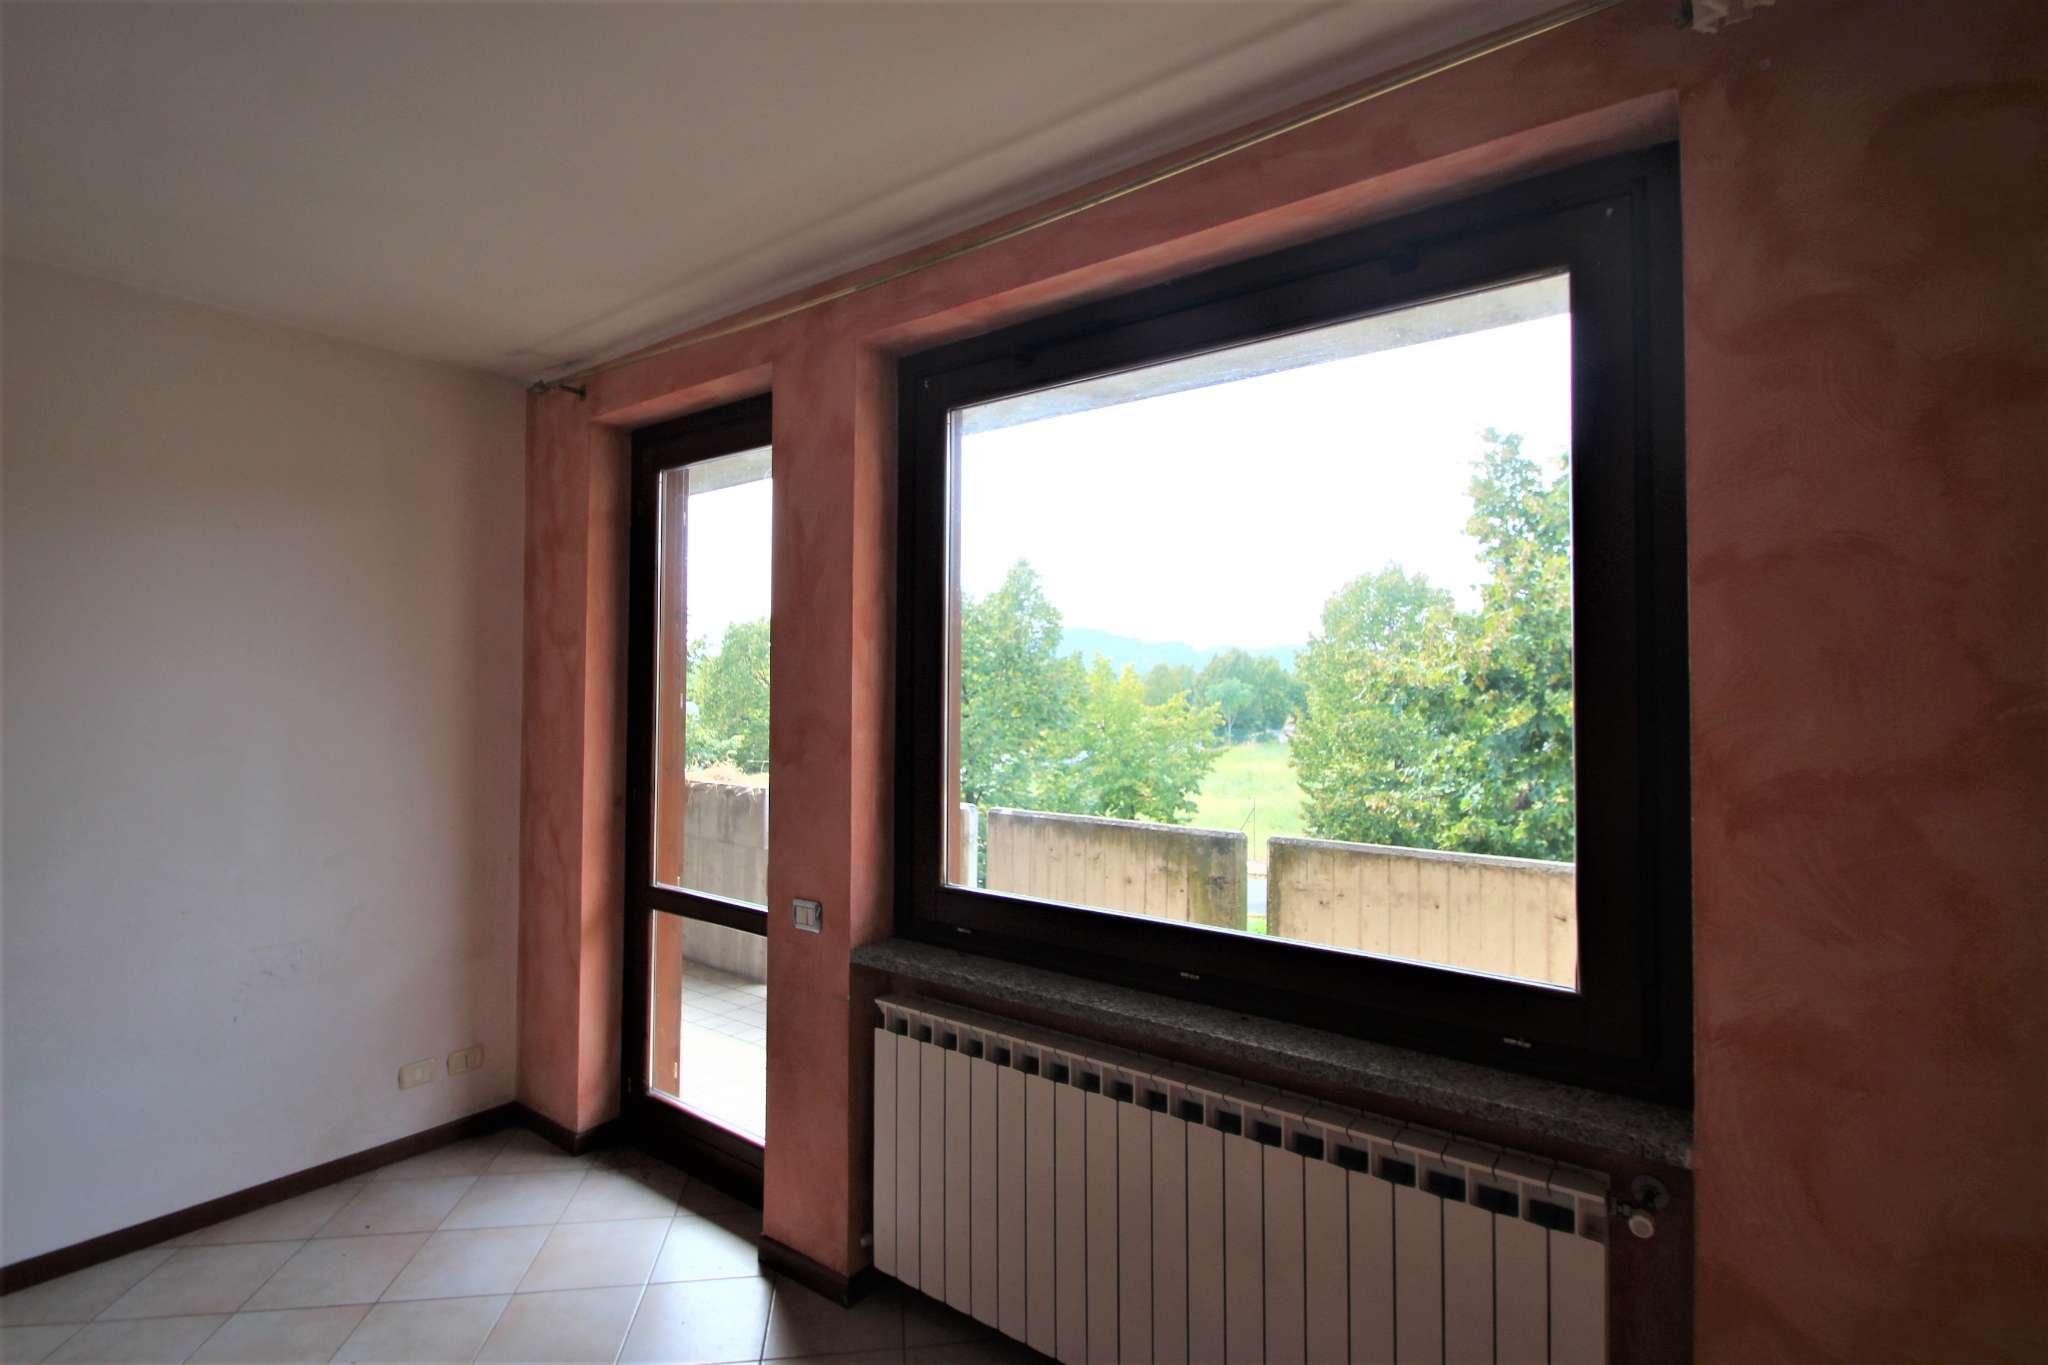 Appartamento in vendita a Montello, 3 locali, prezzo € 75.000 | PortaleAgenzieImmobiliari.it